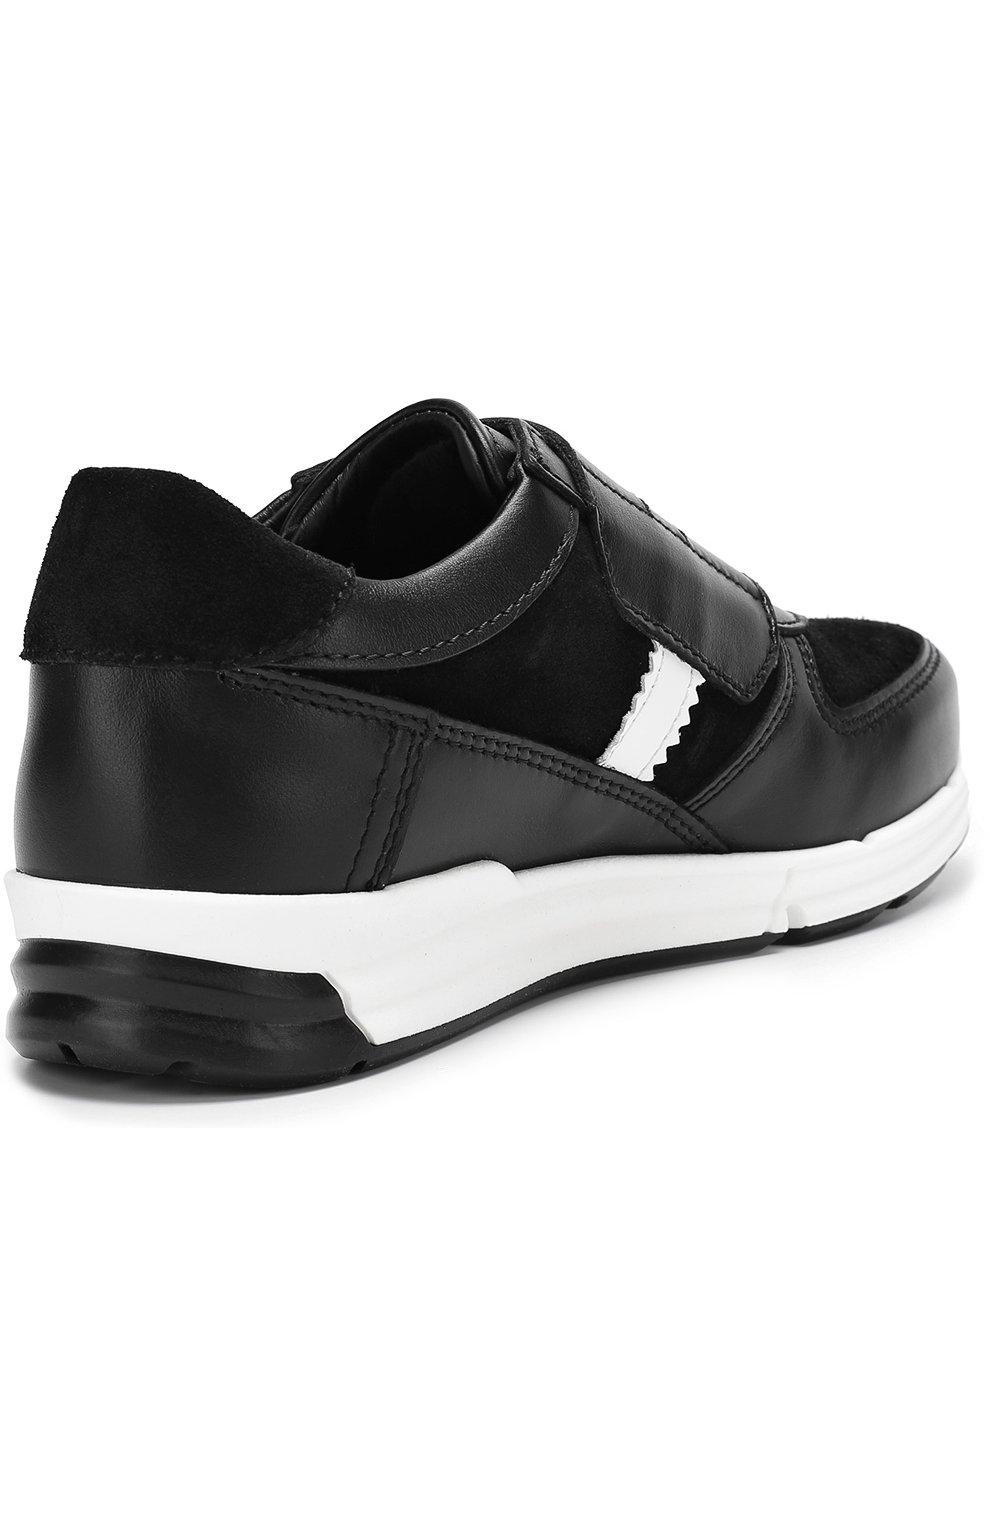 Детские кожаные кроссовки с замшевыми вставками и застежками велькро Dolce & Gabbana черно-белого цвета | Фото №3